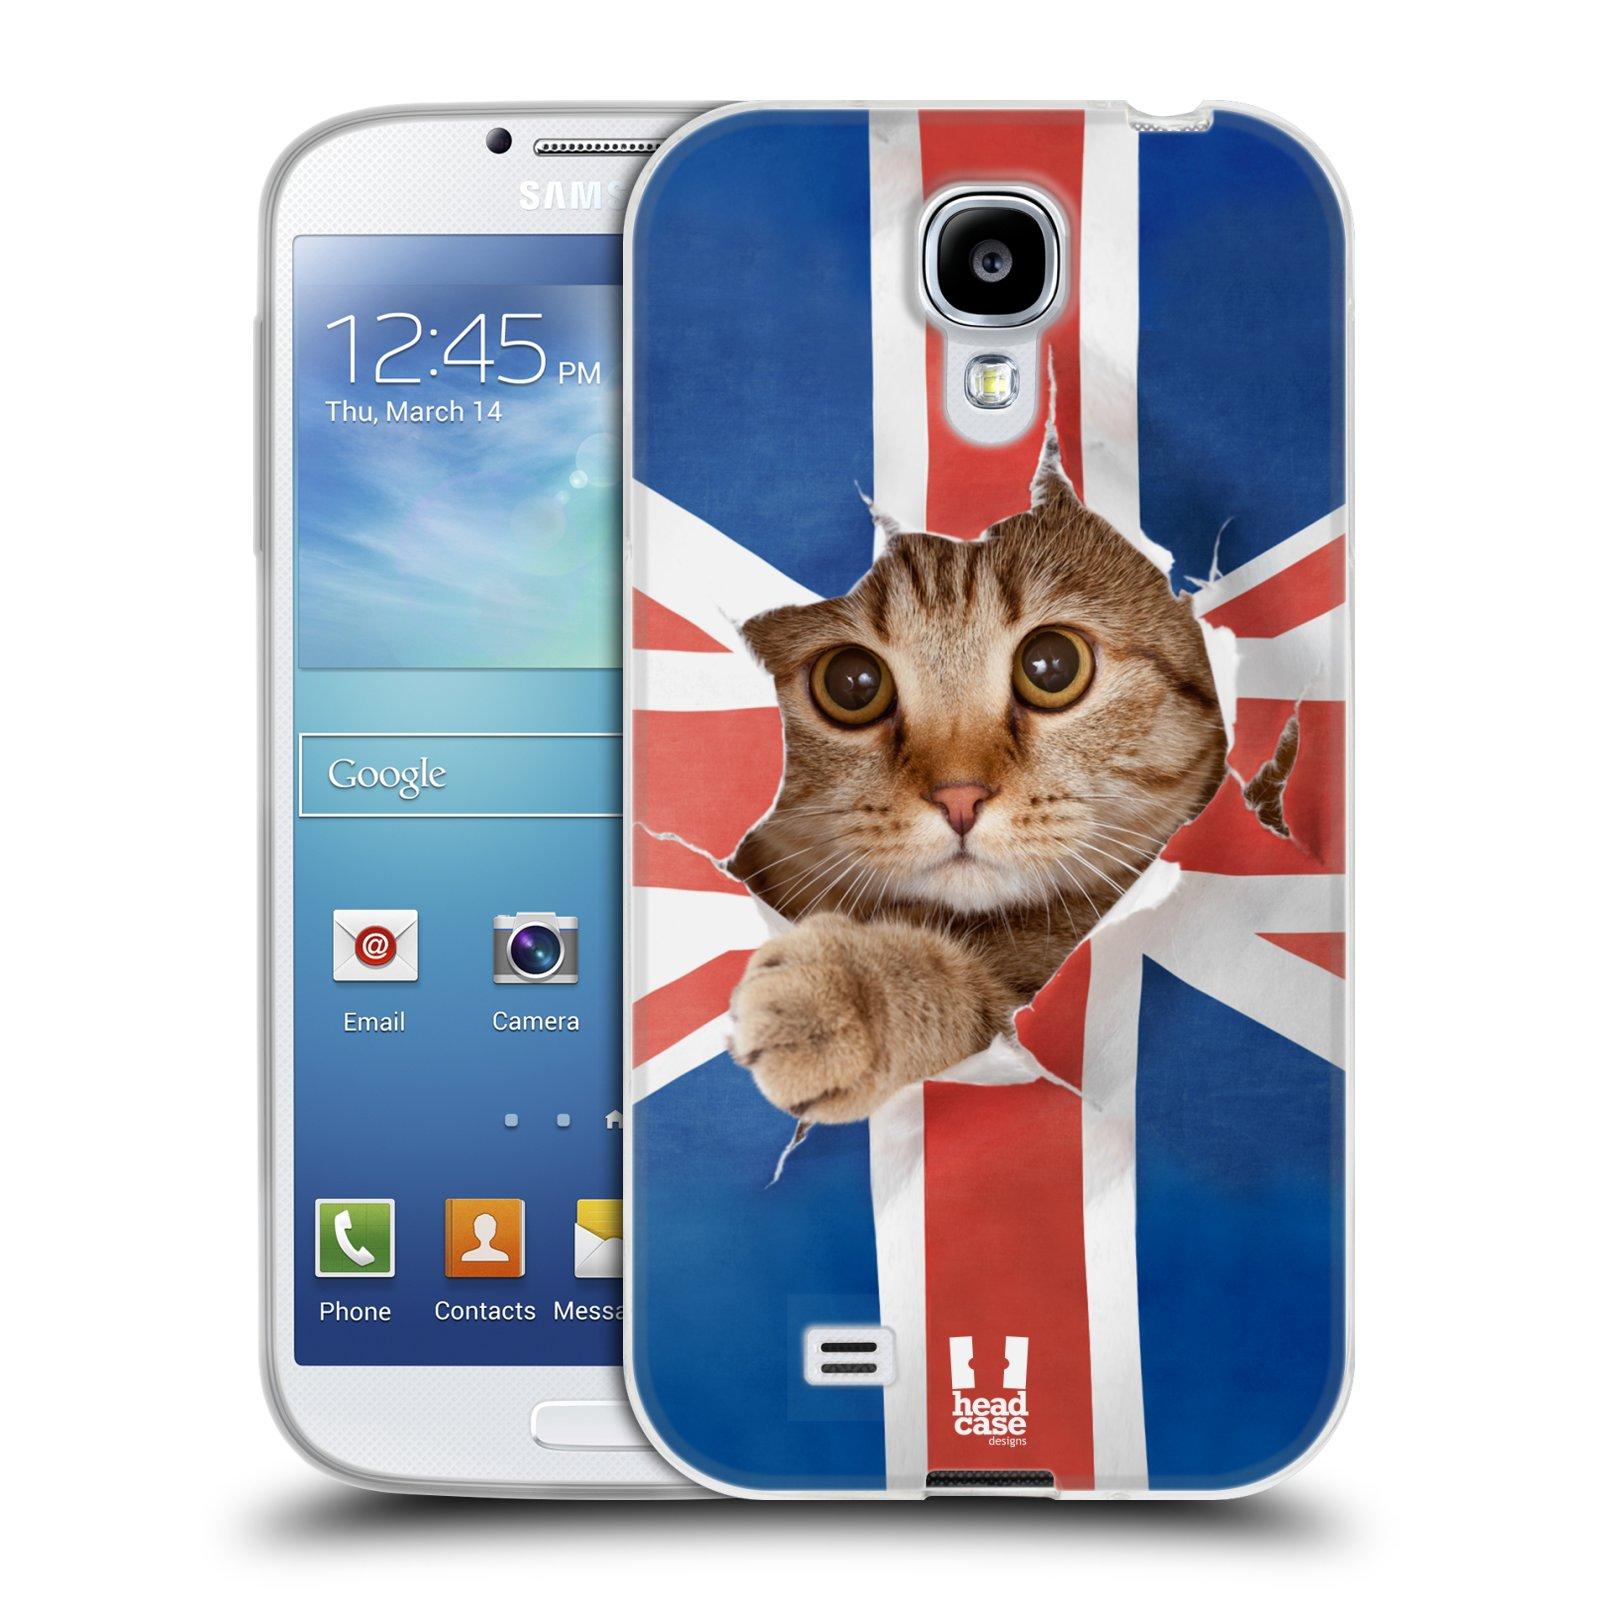 HEAD CASE silikonový obal na mobil Samsung Galaxy S4 i9500 vzor Legrační zvířátka kočička a Velká Británie vlajka